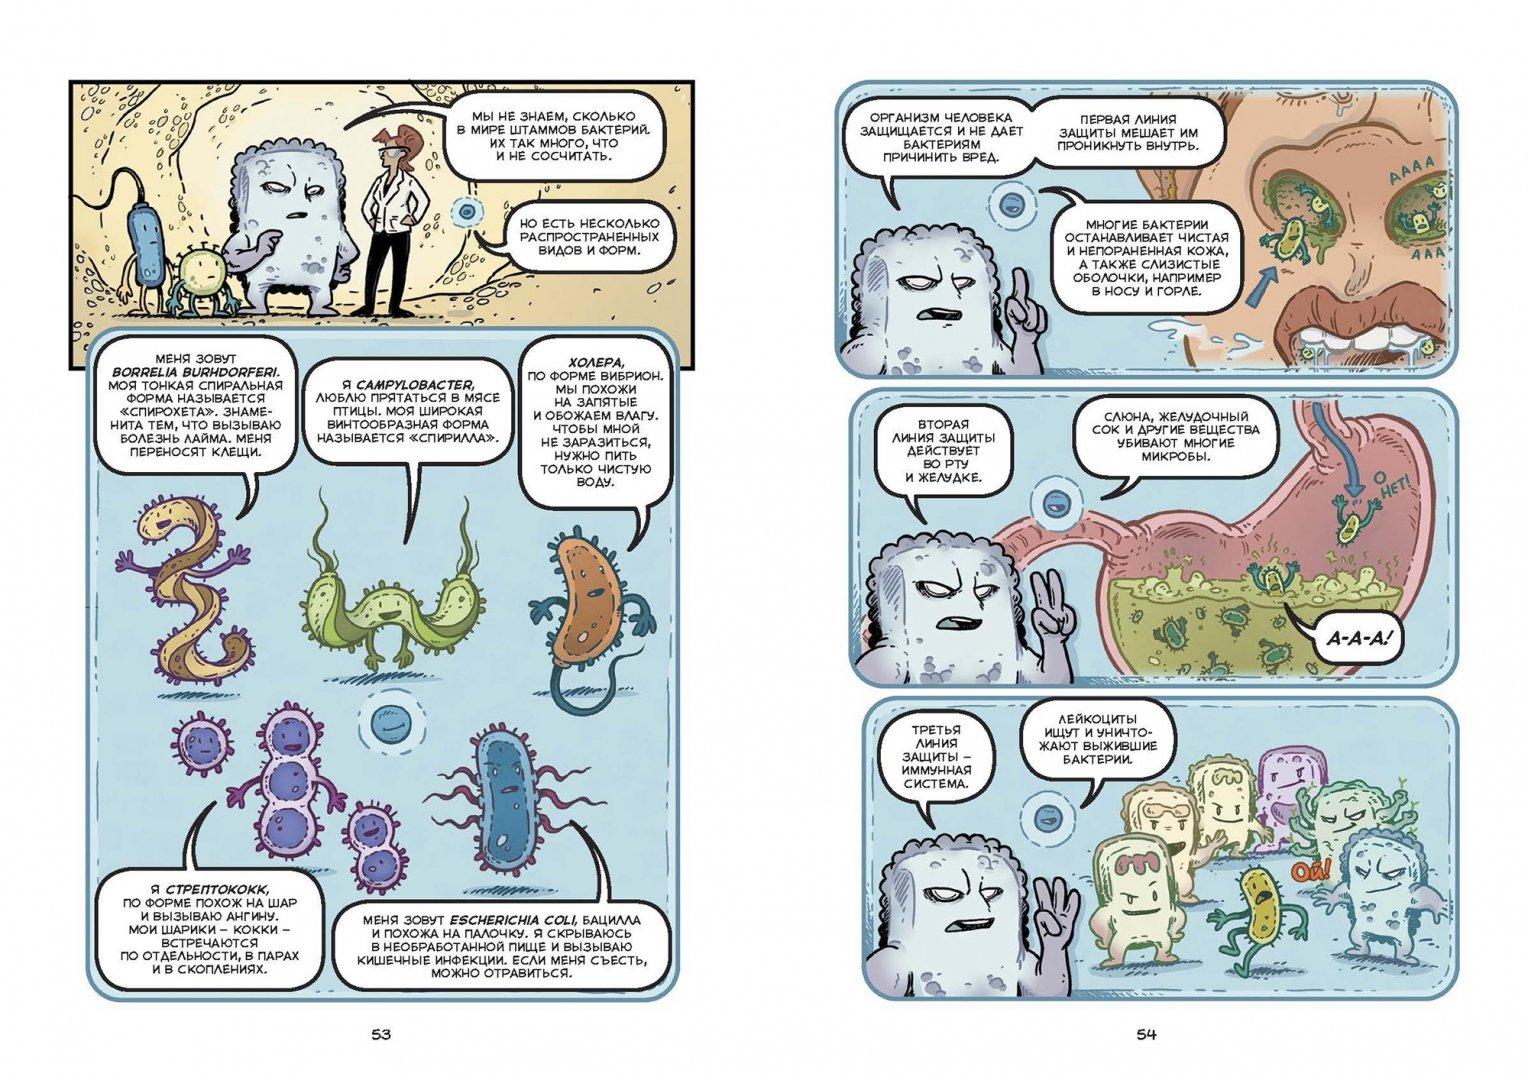 Иллюстрация 4 из 31 для Вирусы и микробы. Научный комикс - Фалинн Кох | Лабиринт - книги. Источник: Лабиринт